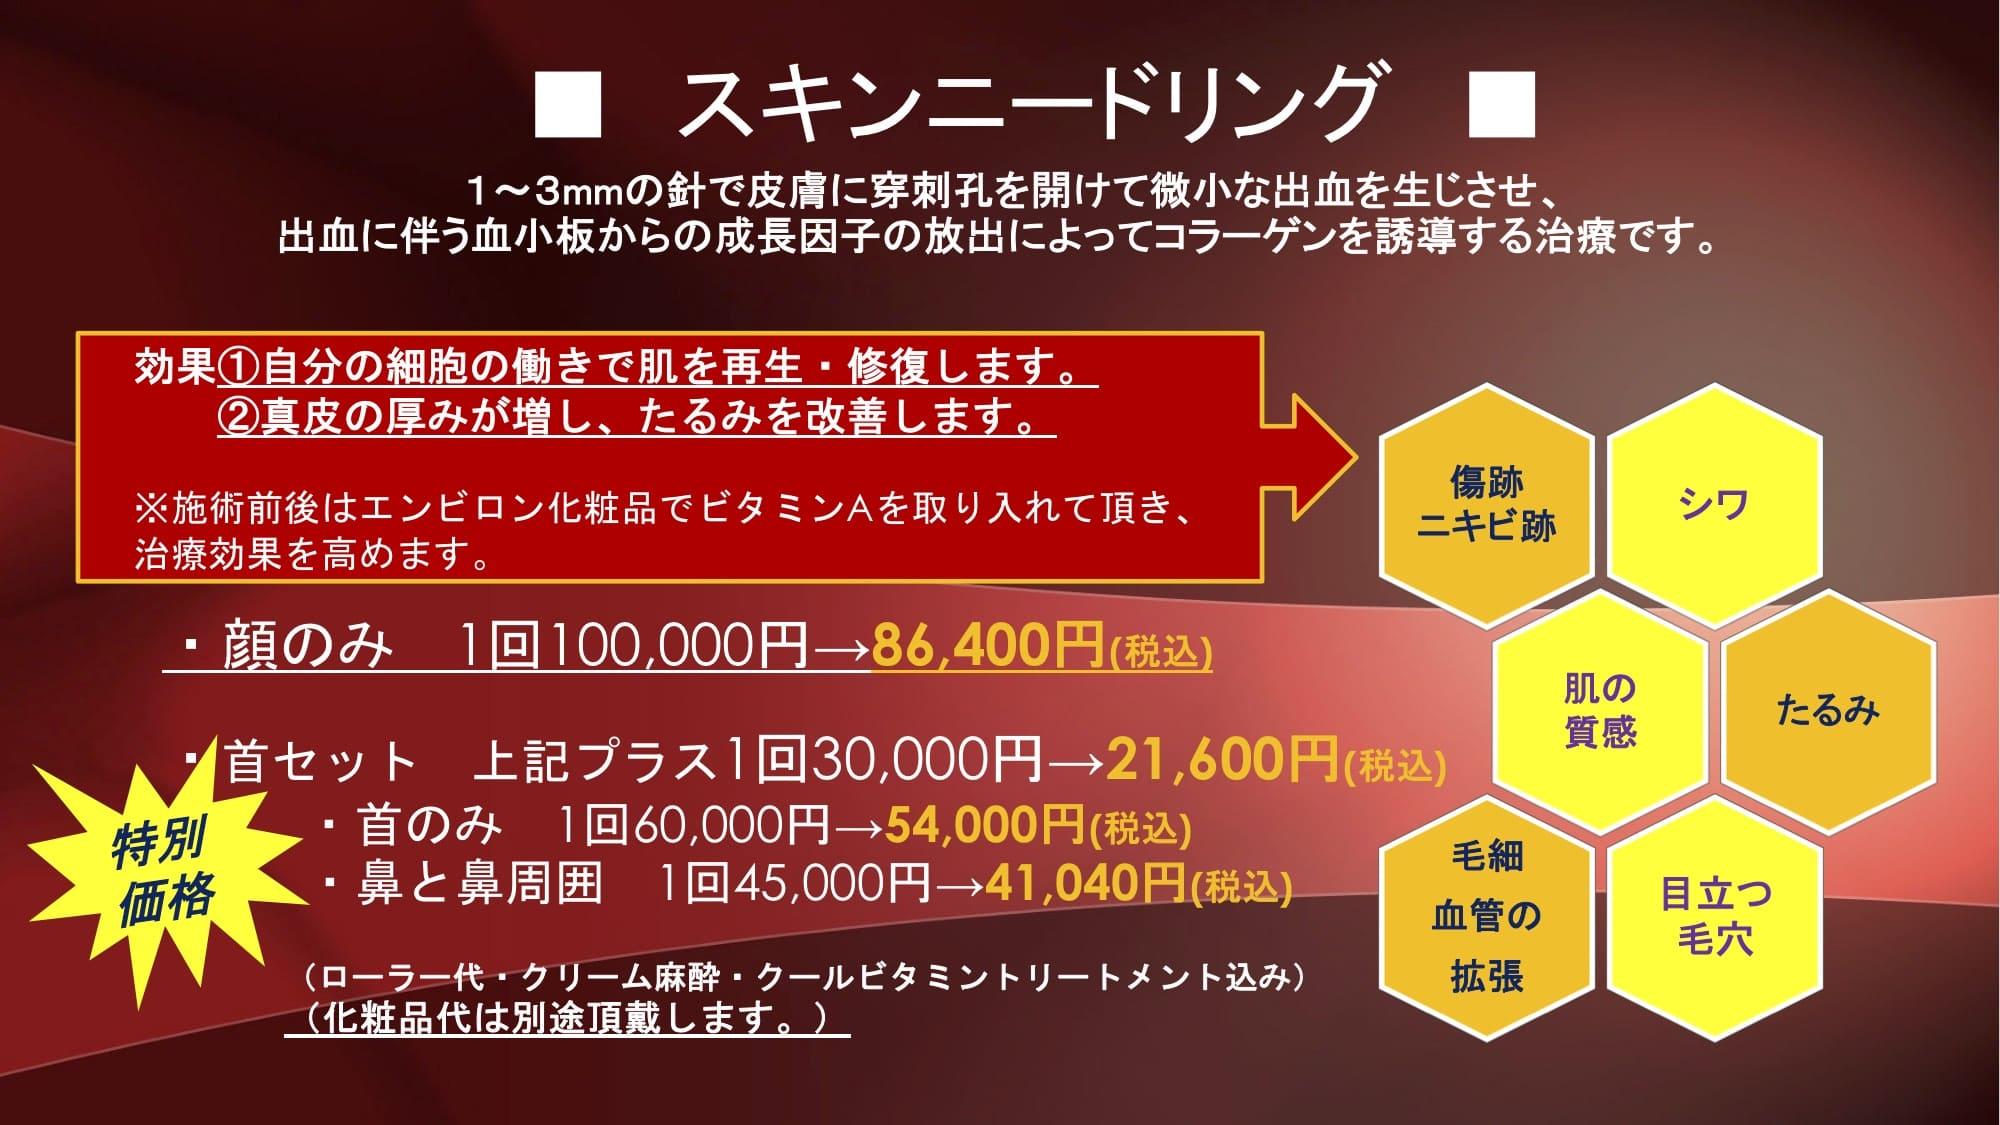 http://hifuka-eigo.com/kyoto/beauty/blog/%E3%83%8B%E3%83%BC%E3%83%89%E3%83%AA%E3%83%B3%E3%82%B0%E3%80%80%E3%83%81%E3%83%A9%E3%82%B7%E2%98%85.jpg